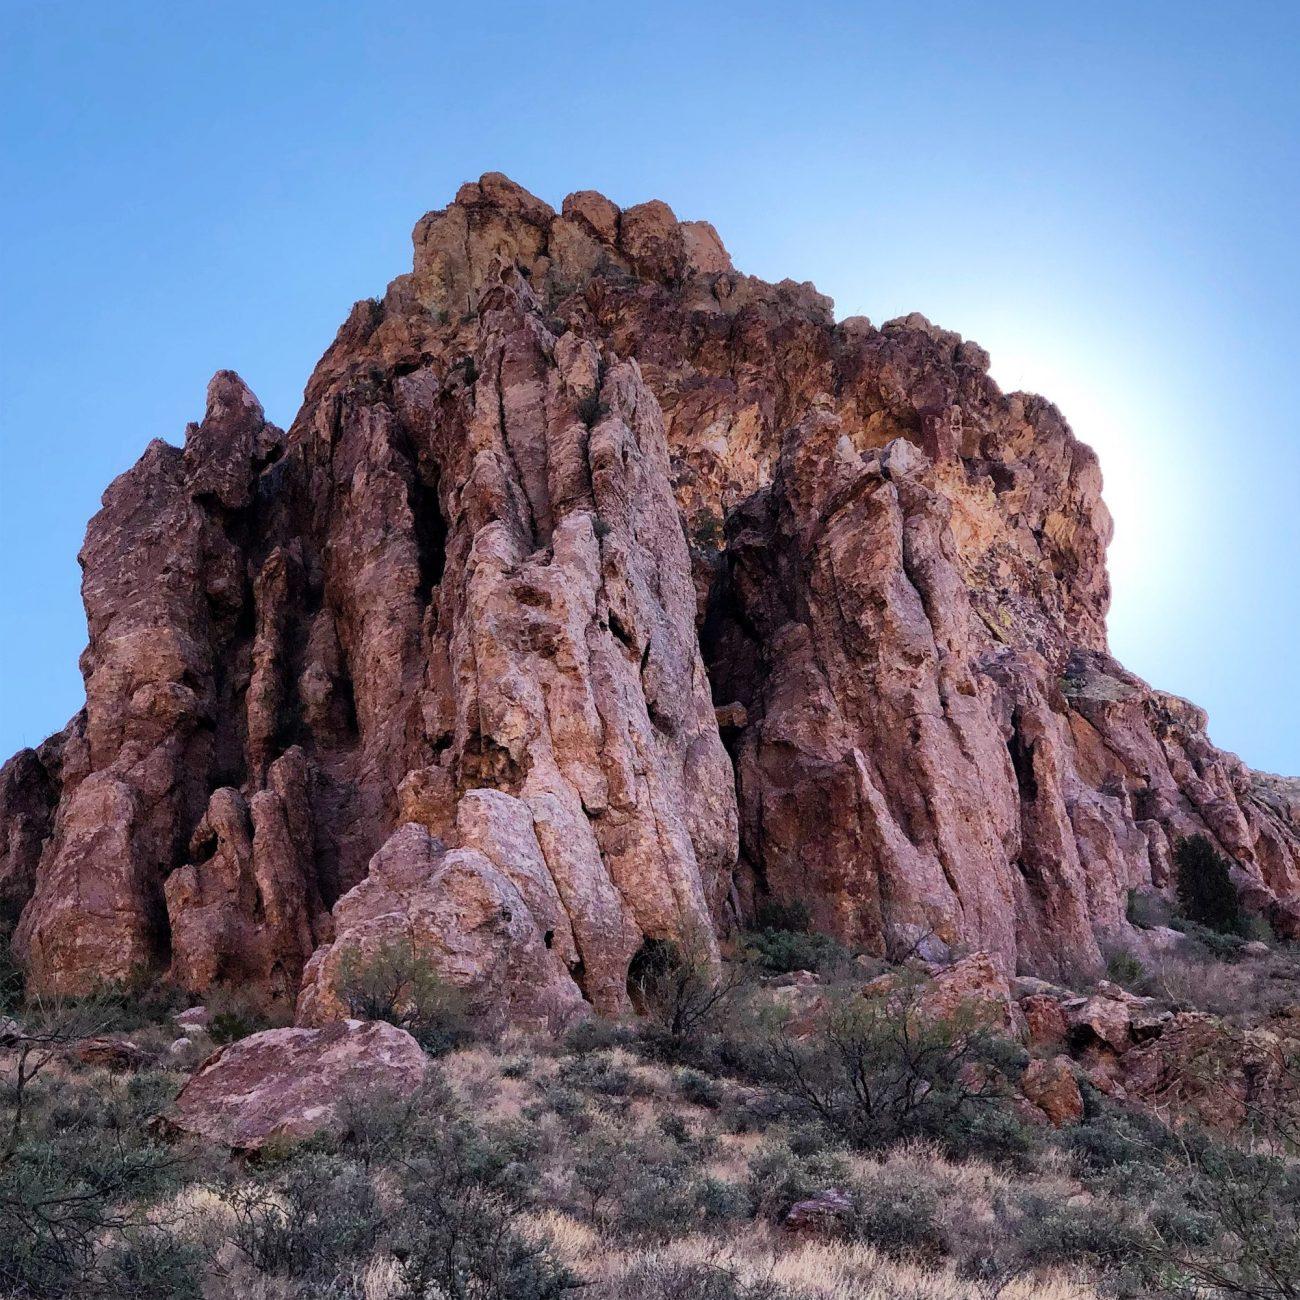 Rock at Organ Pipe Cactus National Monument